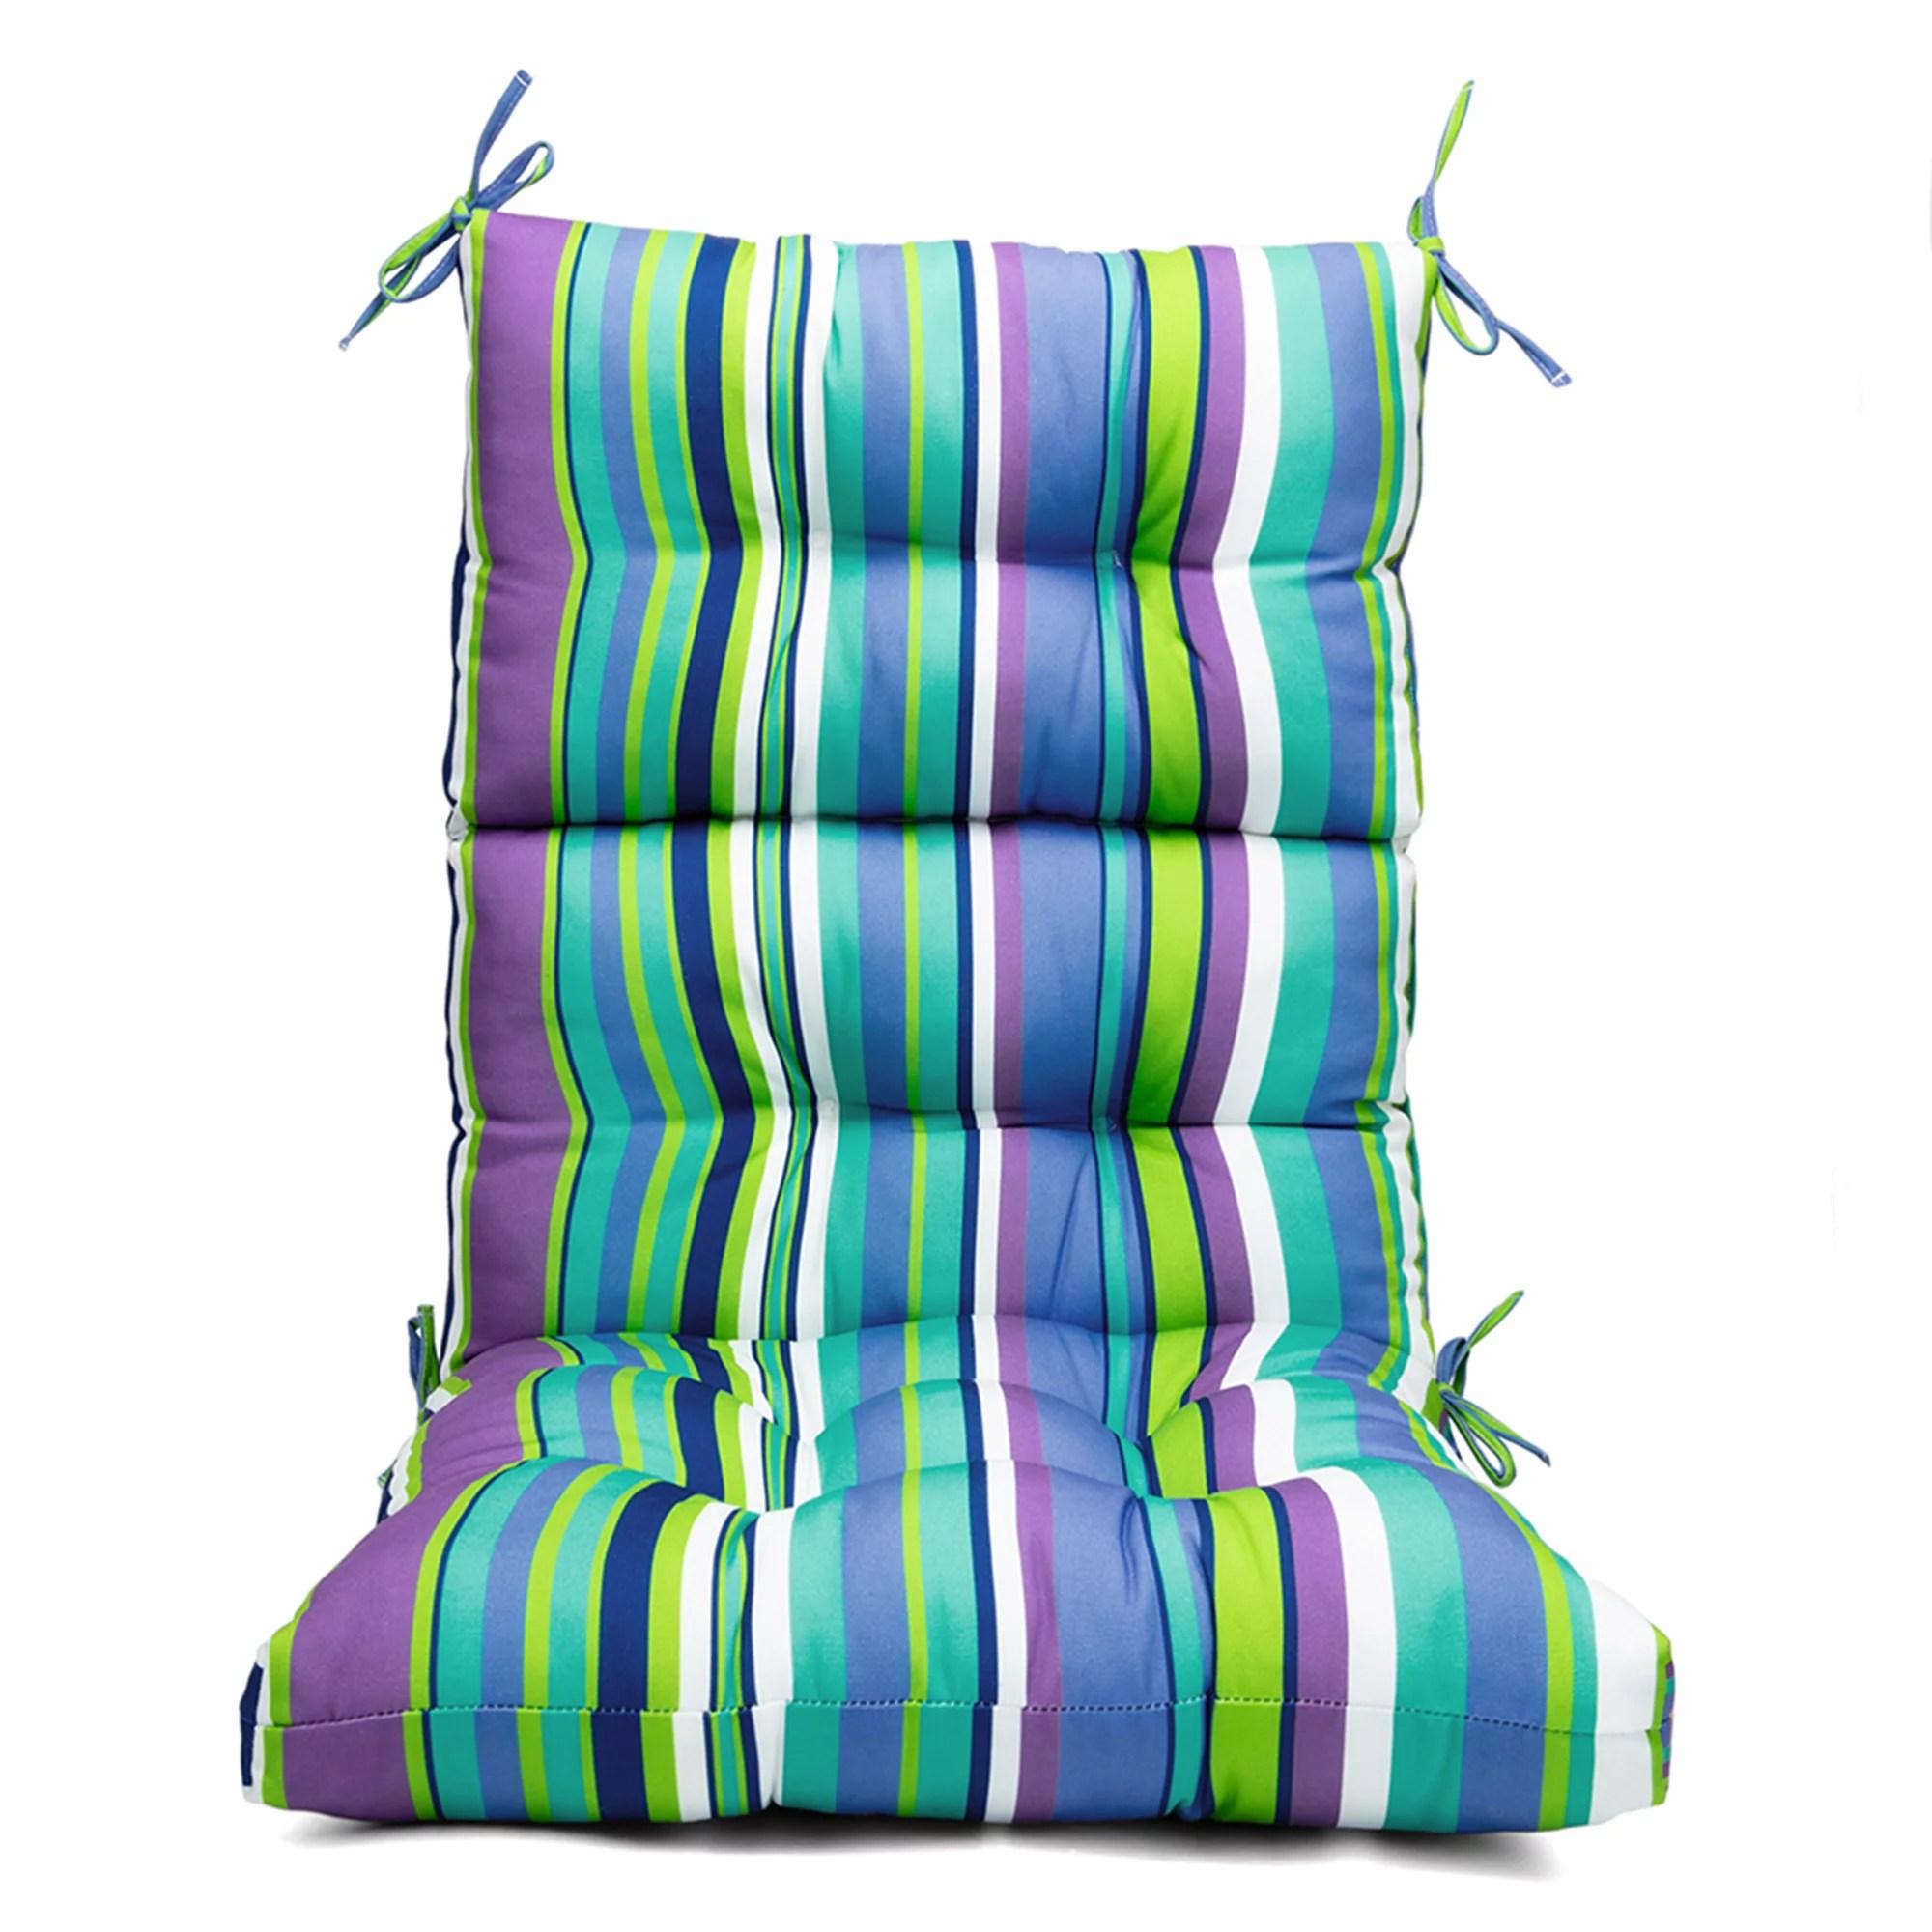 chair patio cushion chair pads patio high back lounger patio cushion seat back solid chair cushion high rebound foam rocking chair cushions